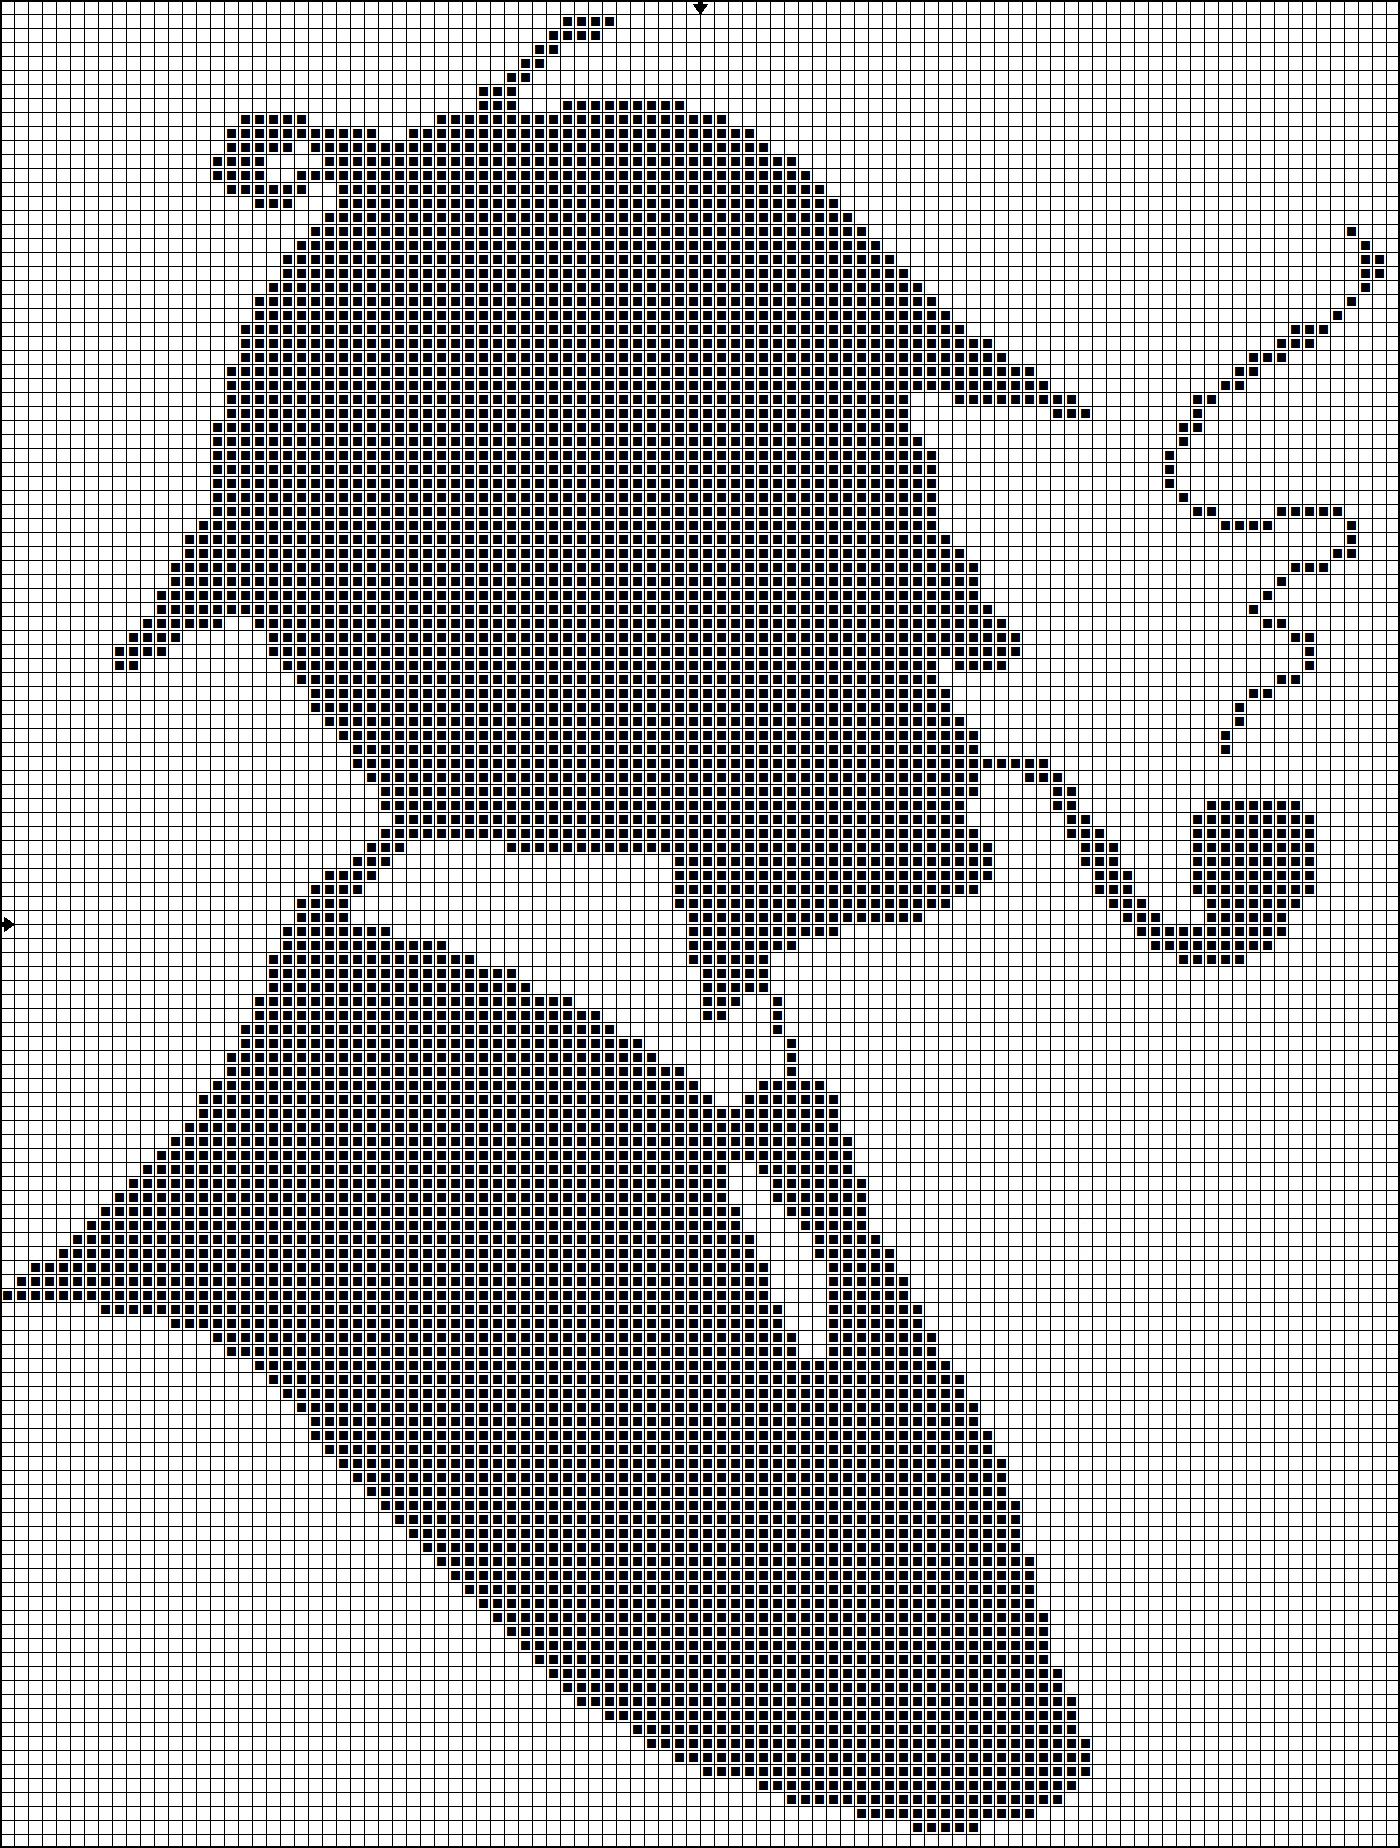 монохром Шерлок Холмс